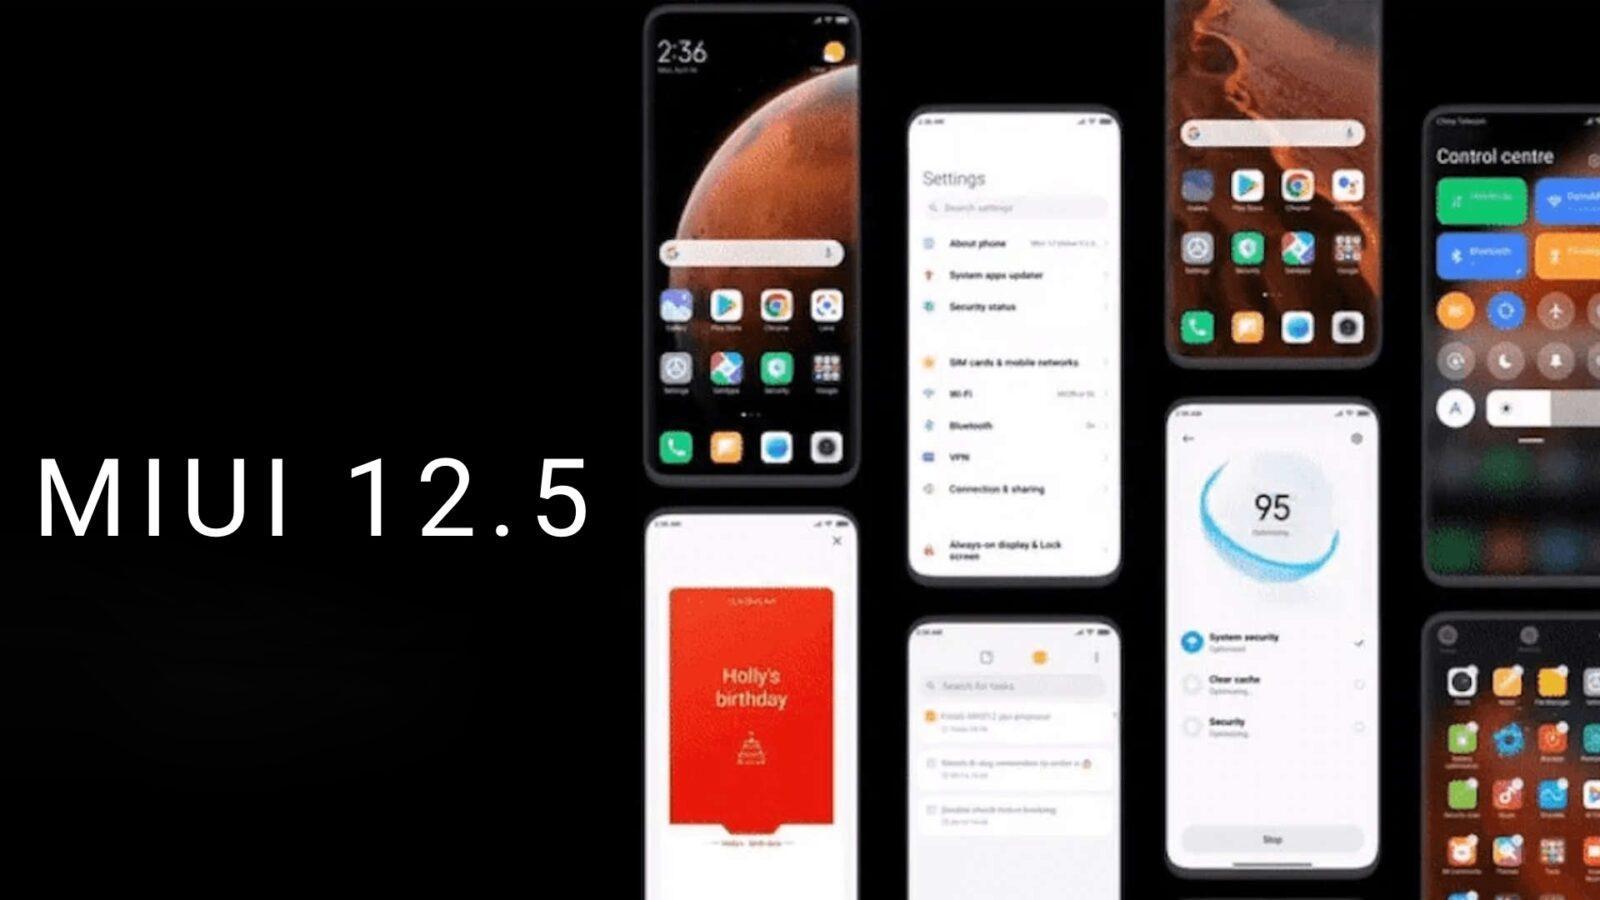 Xiaomi открыла программу глобального тестирования MIUI 12.5 (1607528238 miui)